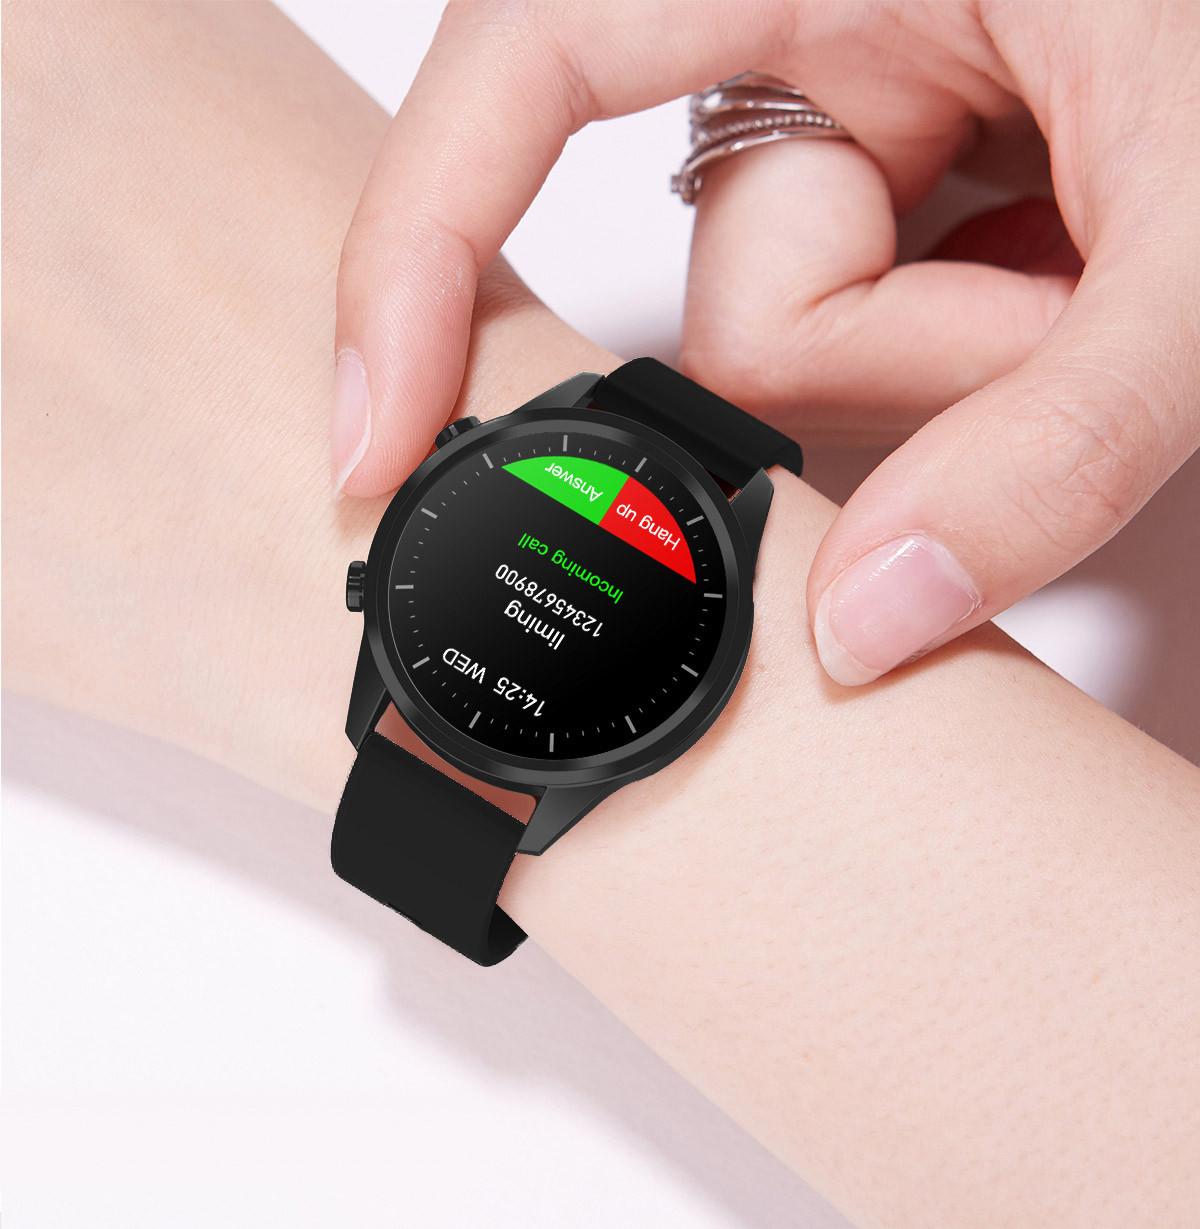 Smartwatch na kobiecej ręce